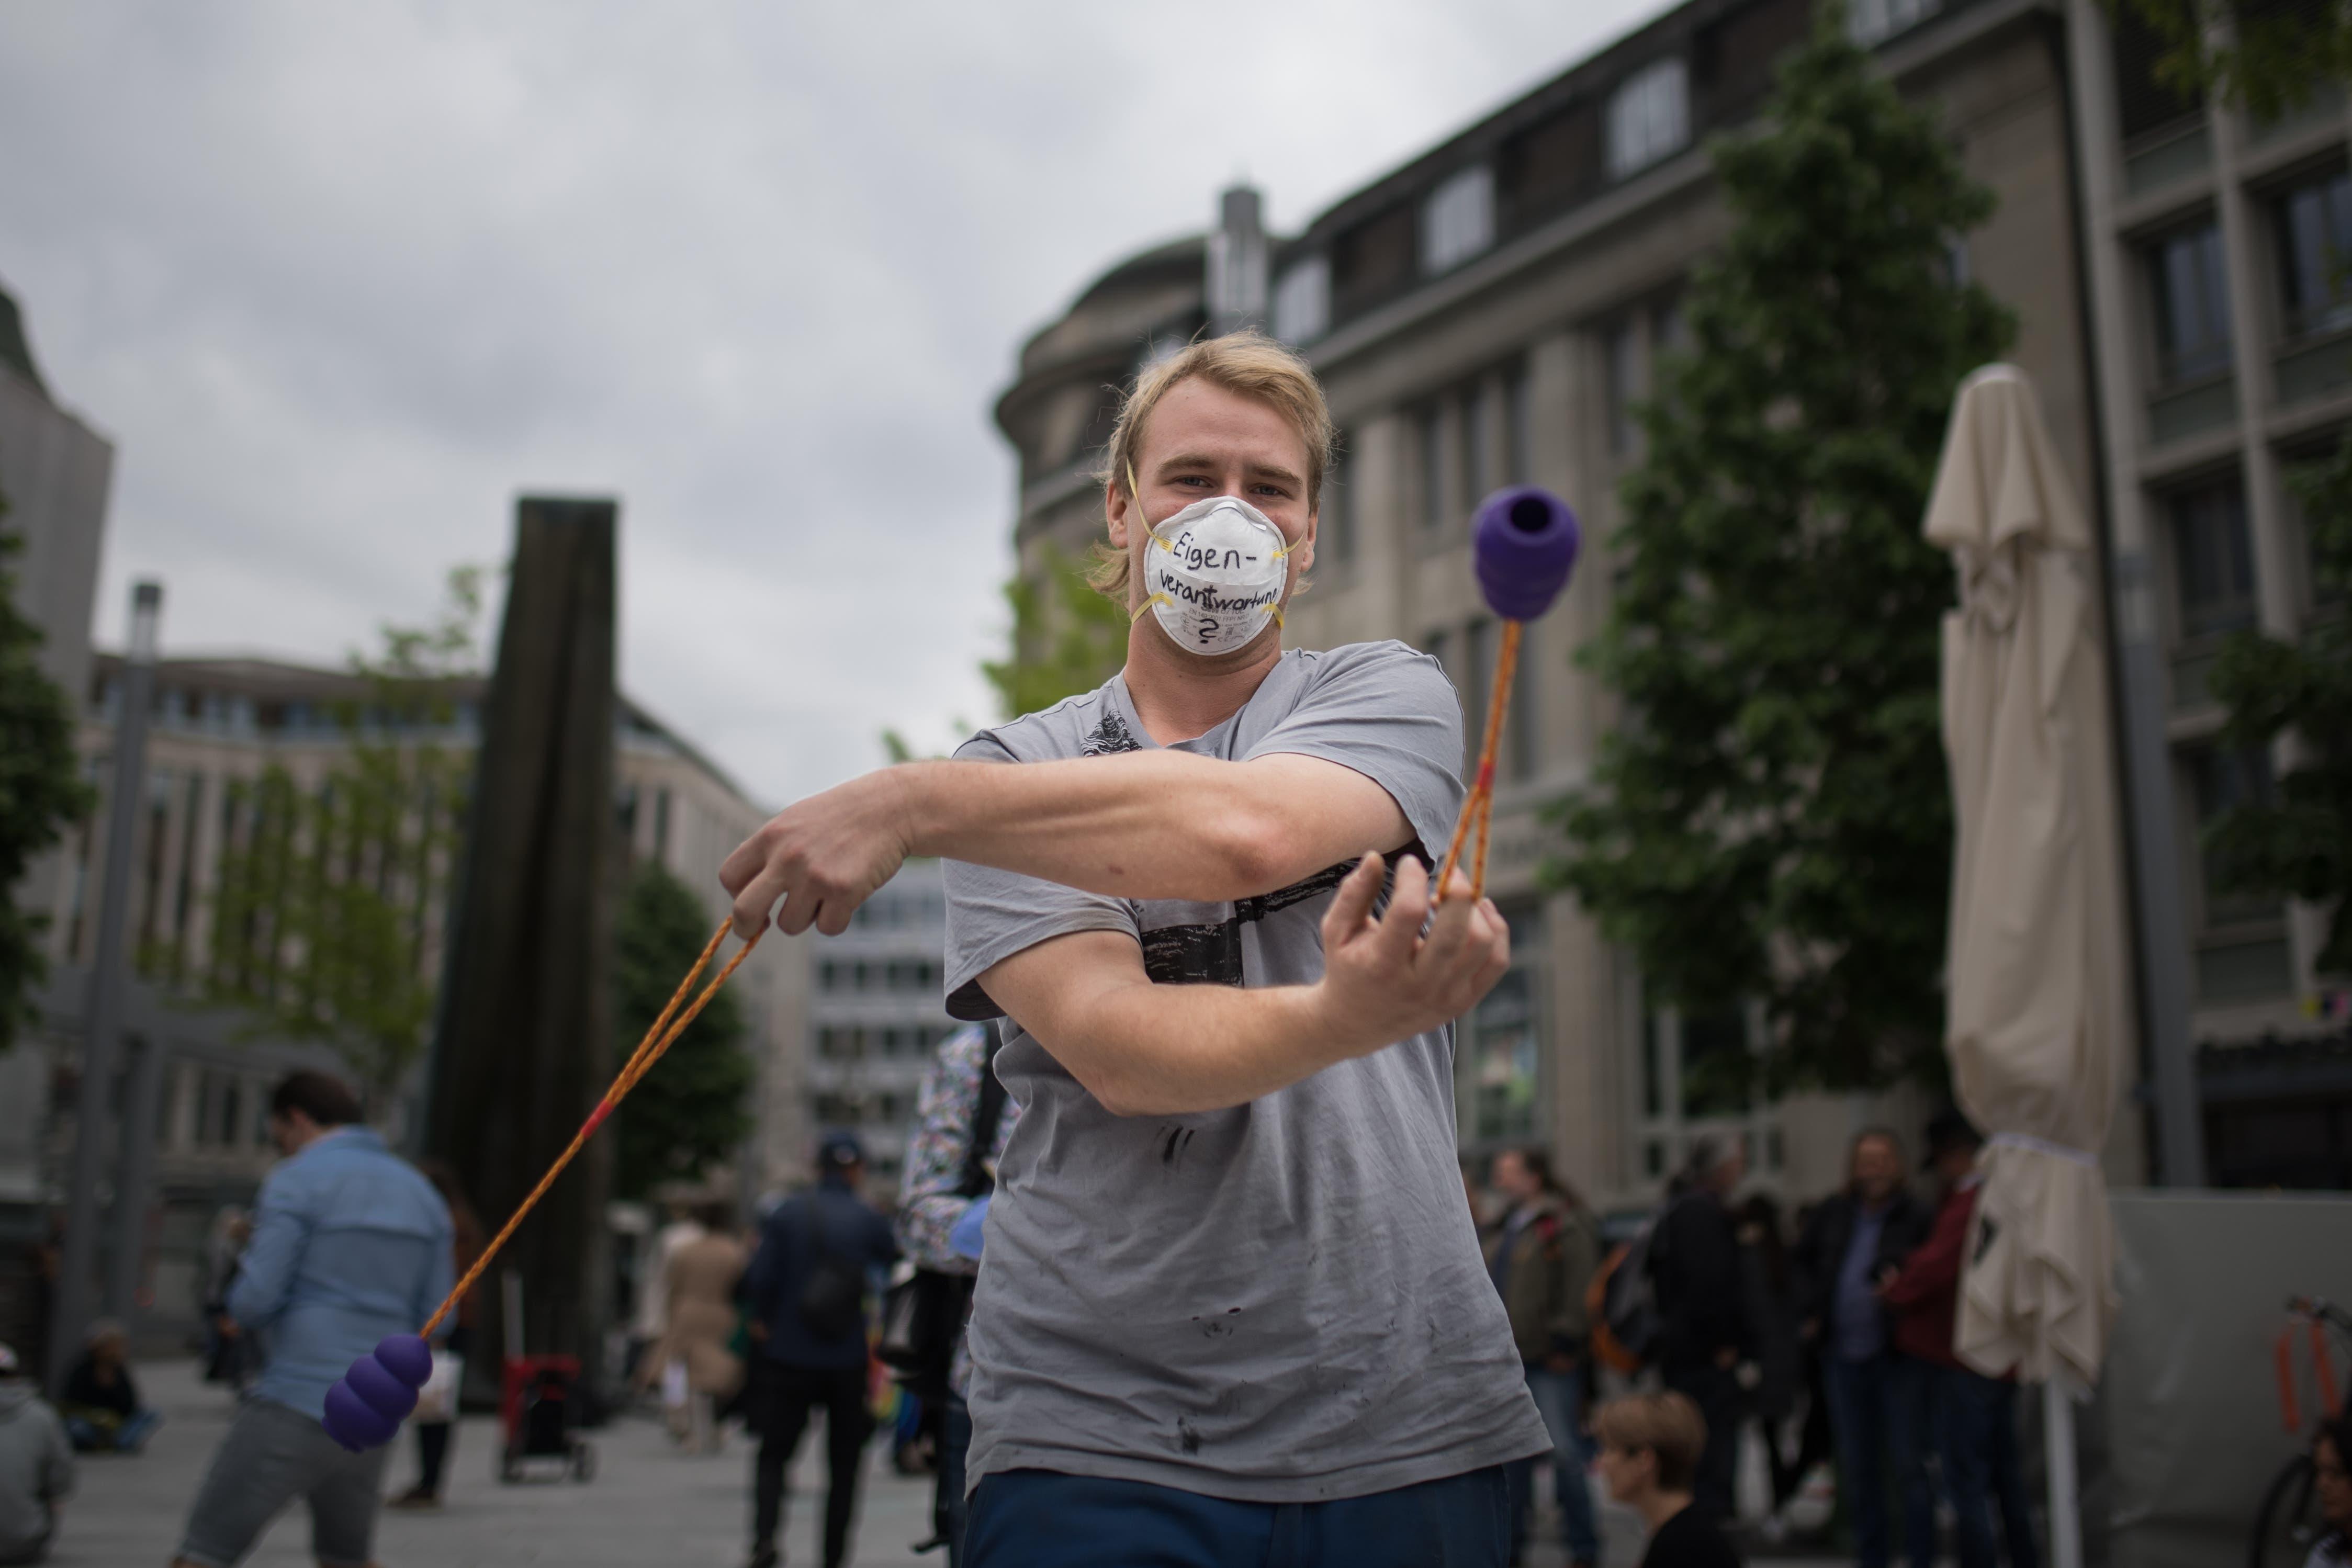 In St.Gallen versammelten sich am Samstagnachmittag rund 100 Gegnerinnen und Gegner der Anti-Corona-Massnahmen. Die Polizei hat die Kundgebung aufgelöst. Das Ganze verlief friedlich und ohne Zwischenfälle ab.